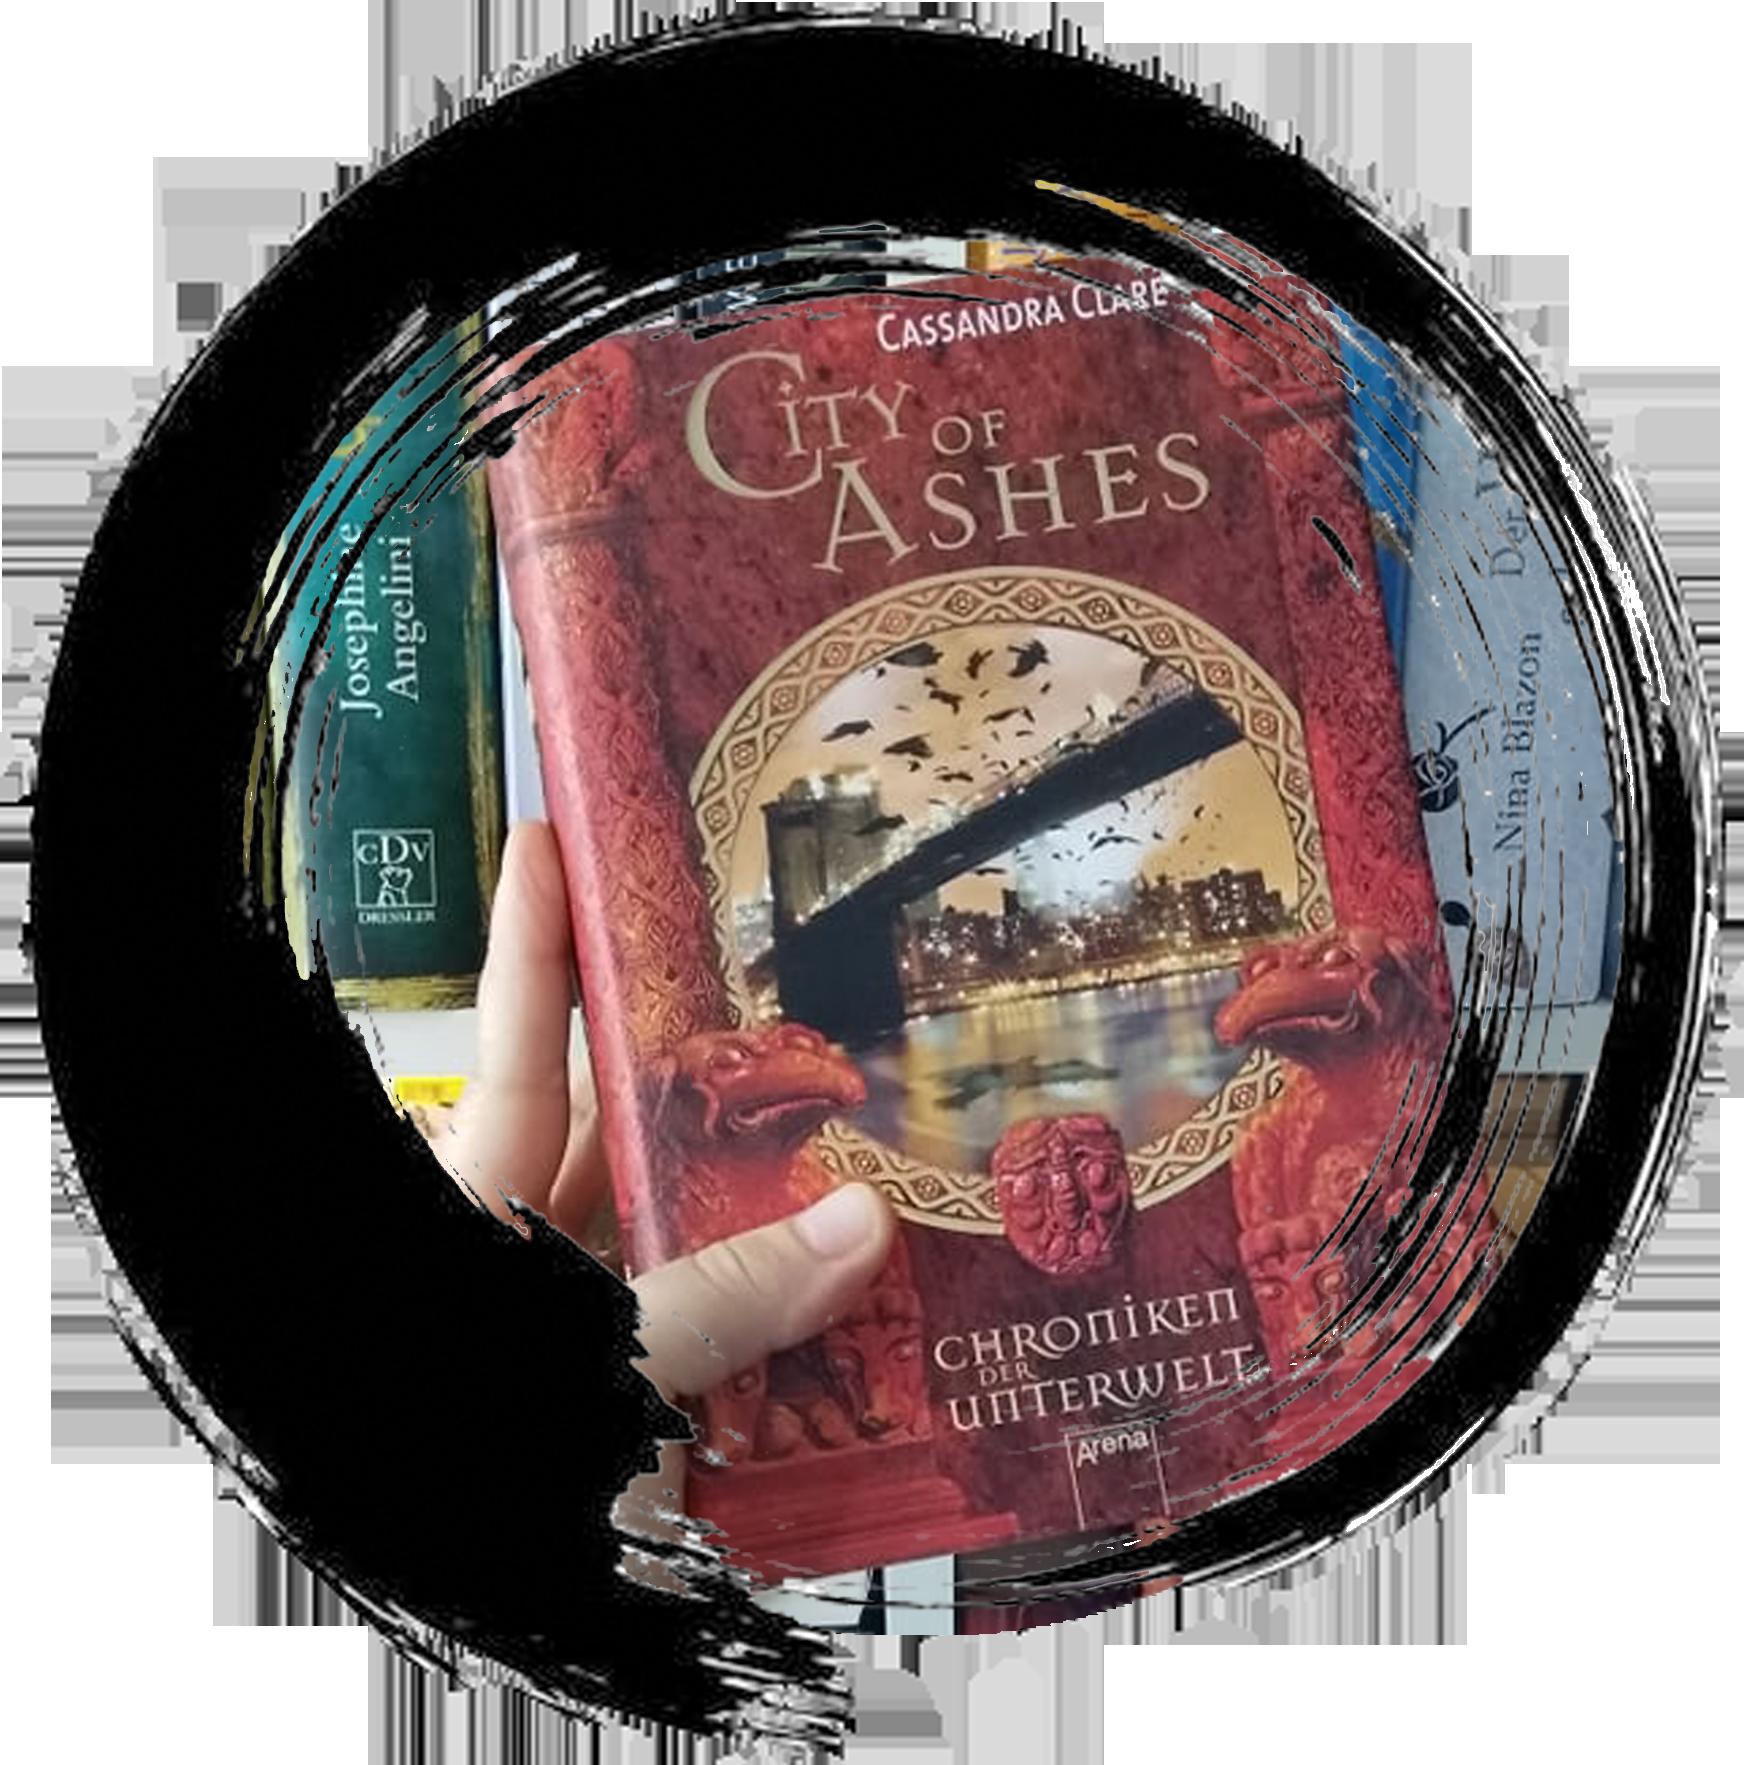 Chroniken der Unterwelt #2 – City of Ashes